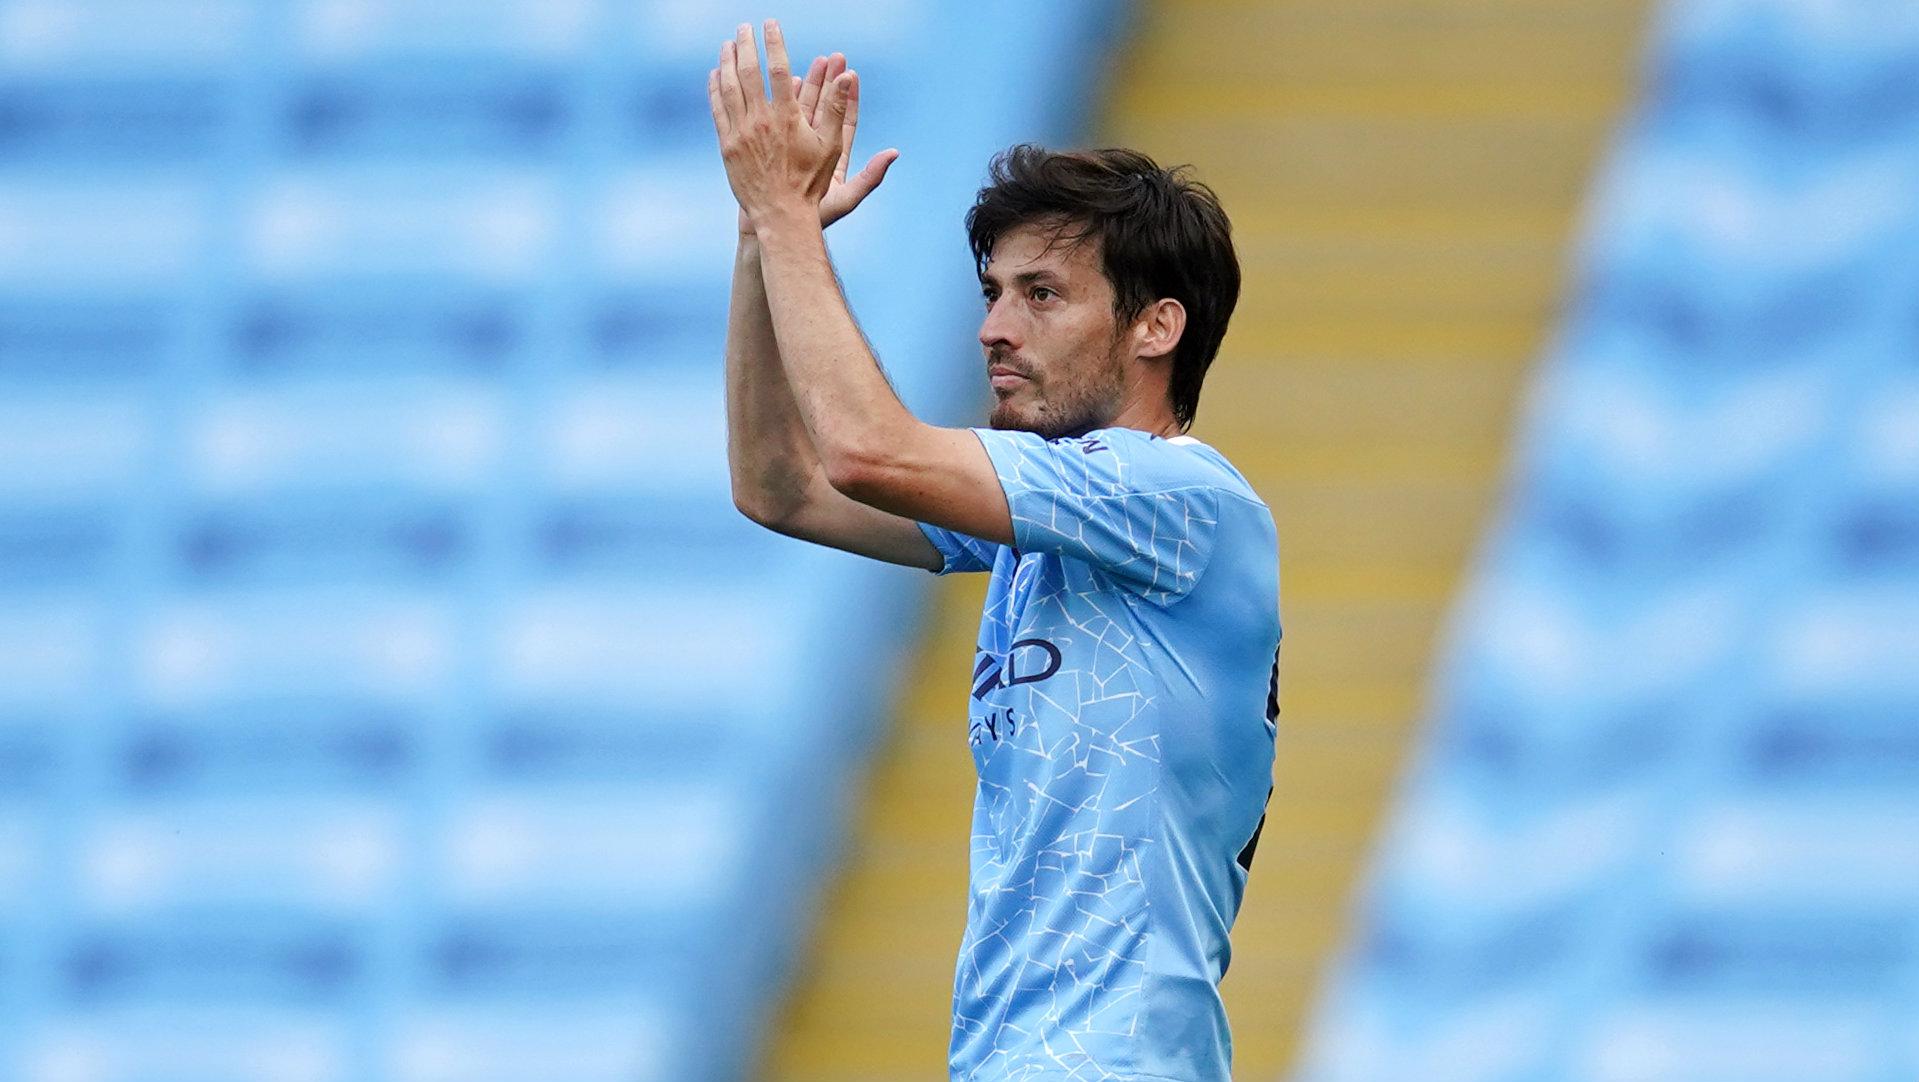 Chuyển nhượng) Gia đình David Silva đáp trả khi bị Lazio nói không đáng mặt đàn ông | Goal.com